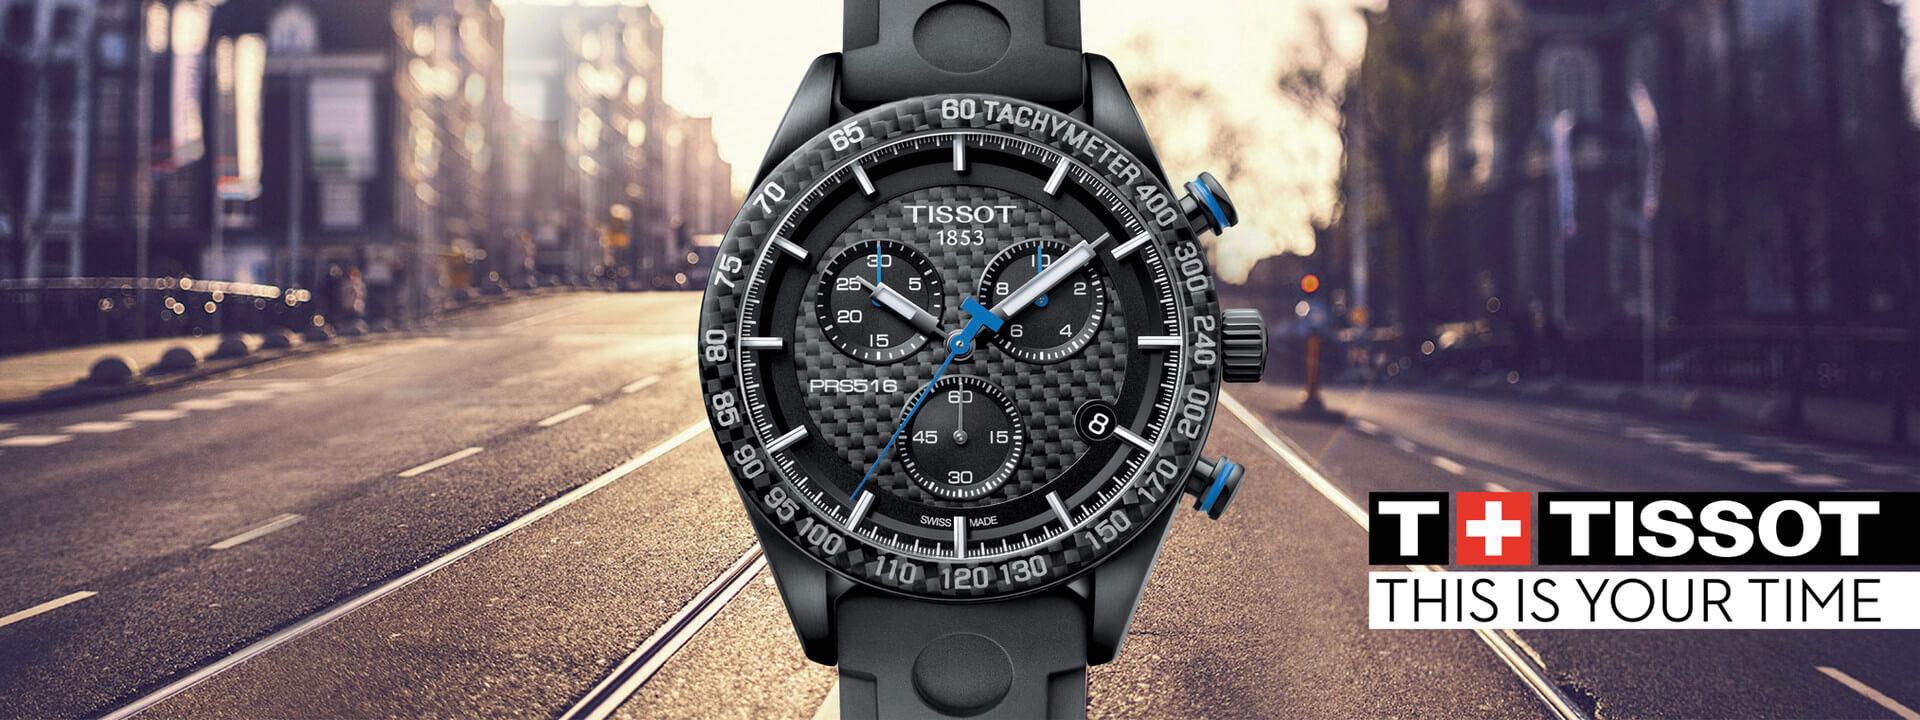 Tissot Uhren in Essen Rüttenscheid | Juwelier Hilgers